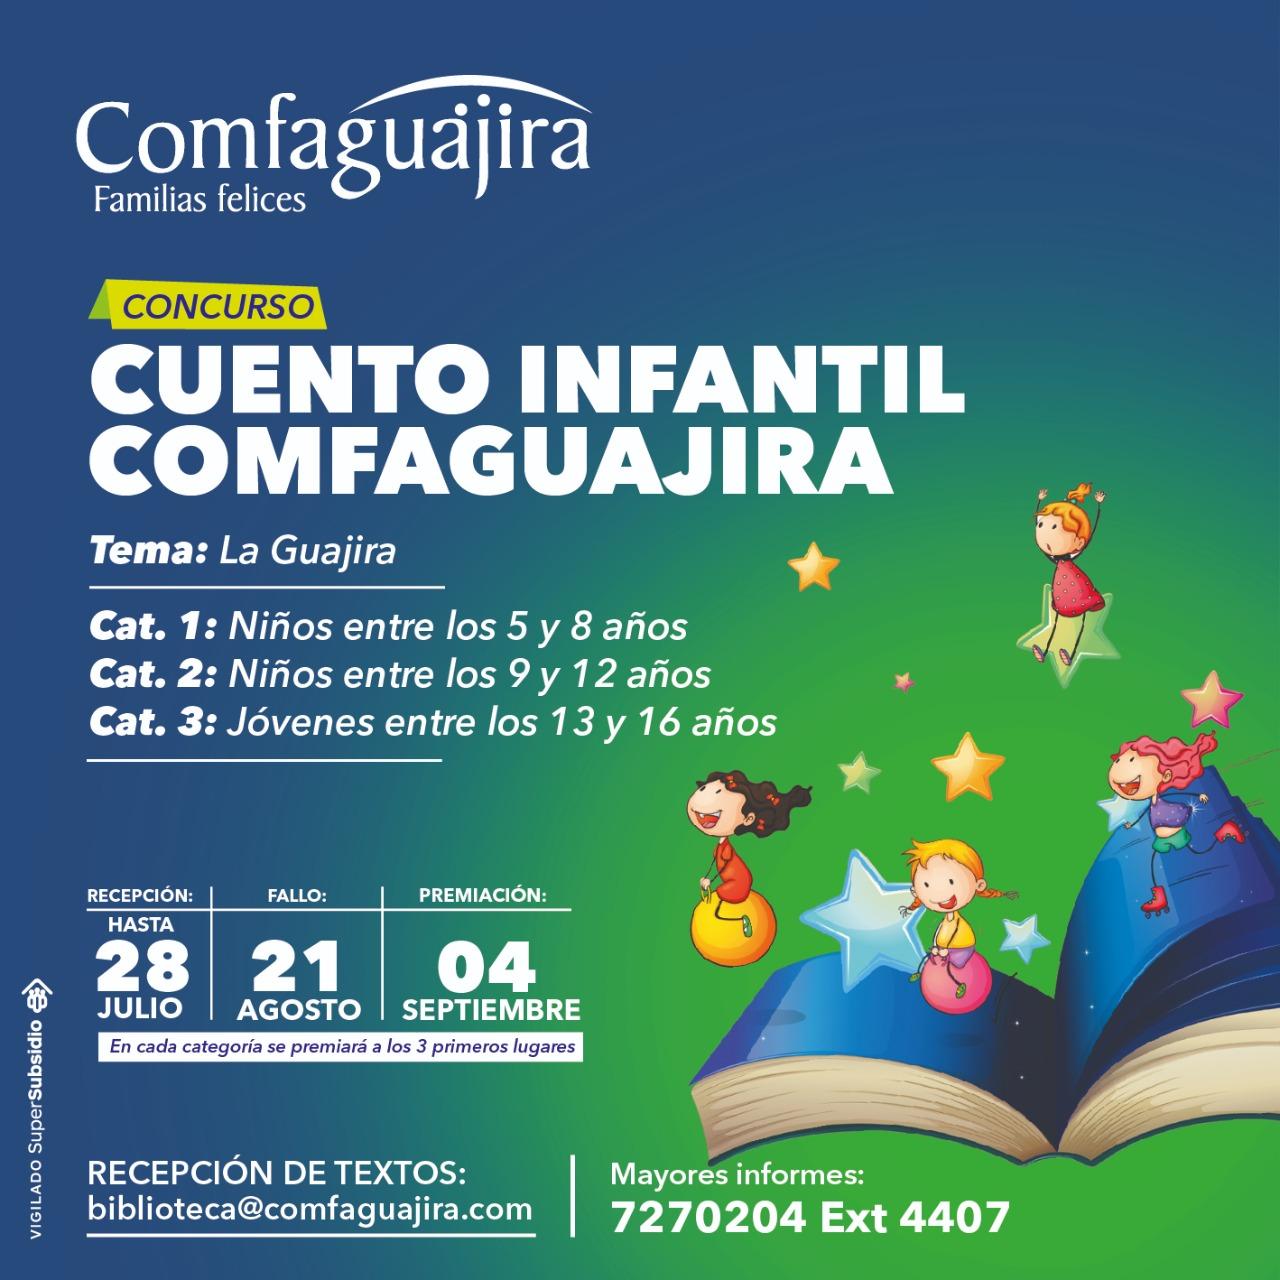 Cuento infantil Comfaguajira